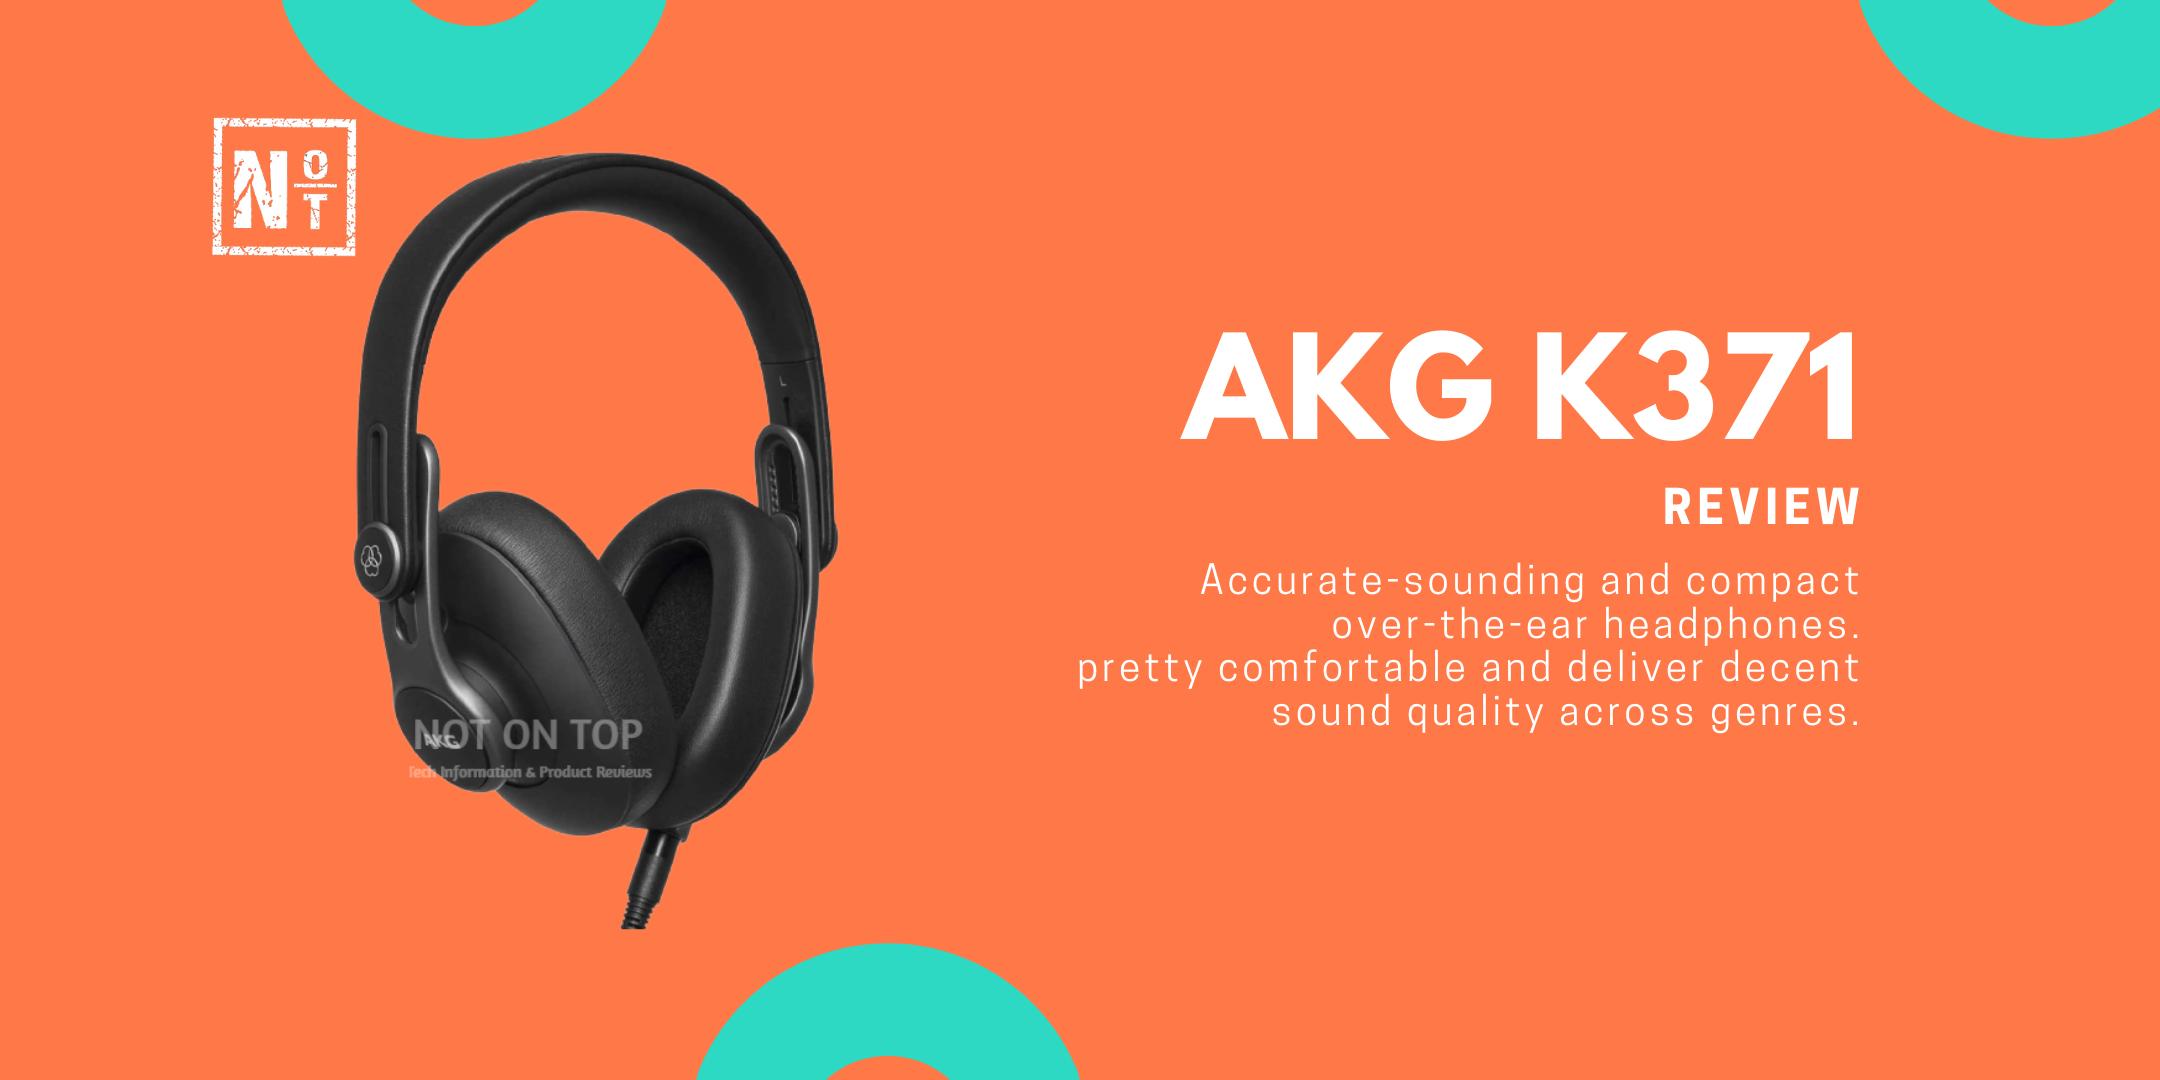 akg k371 review